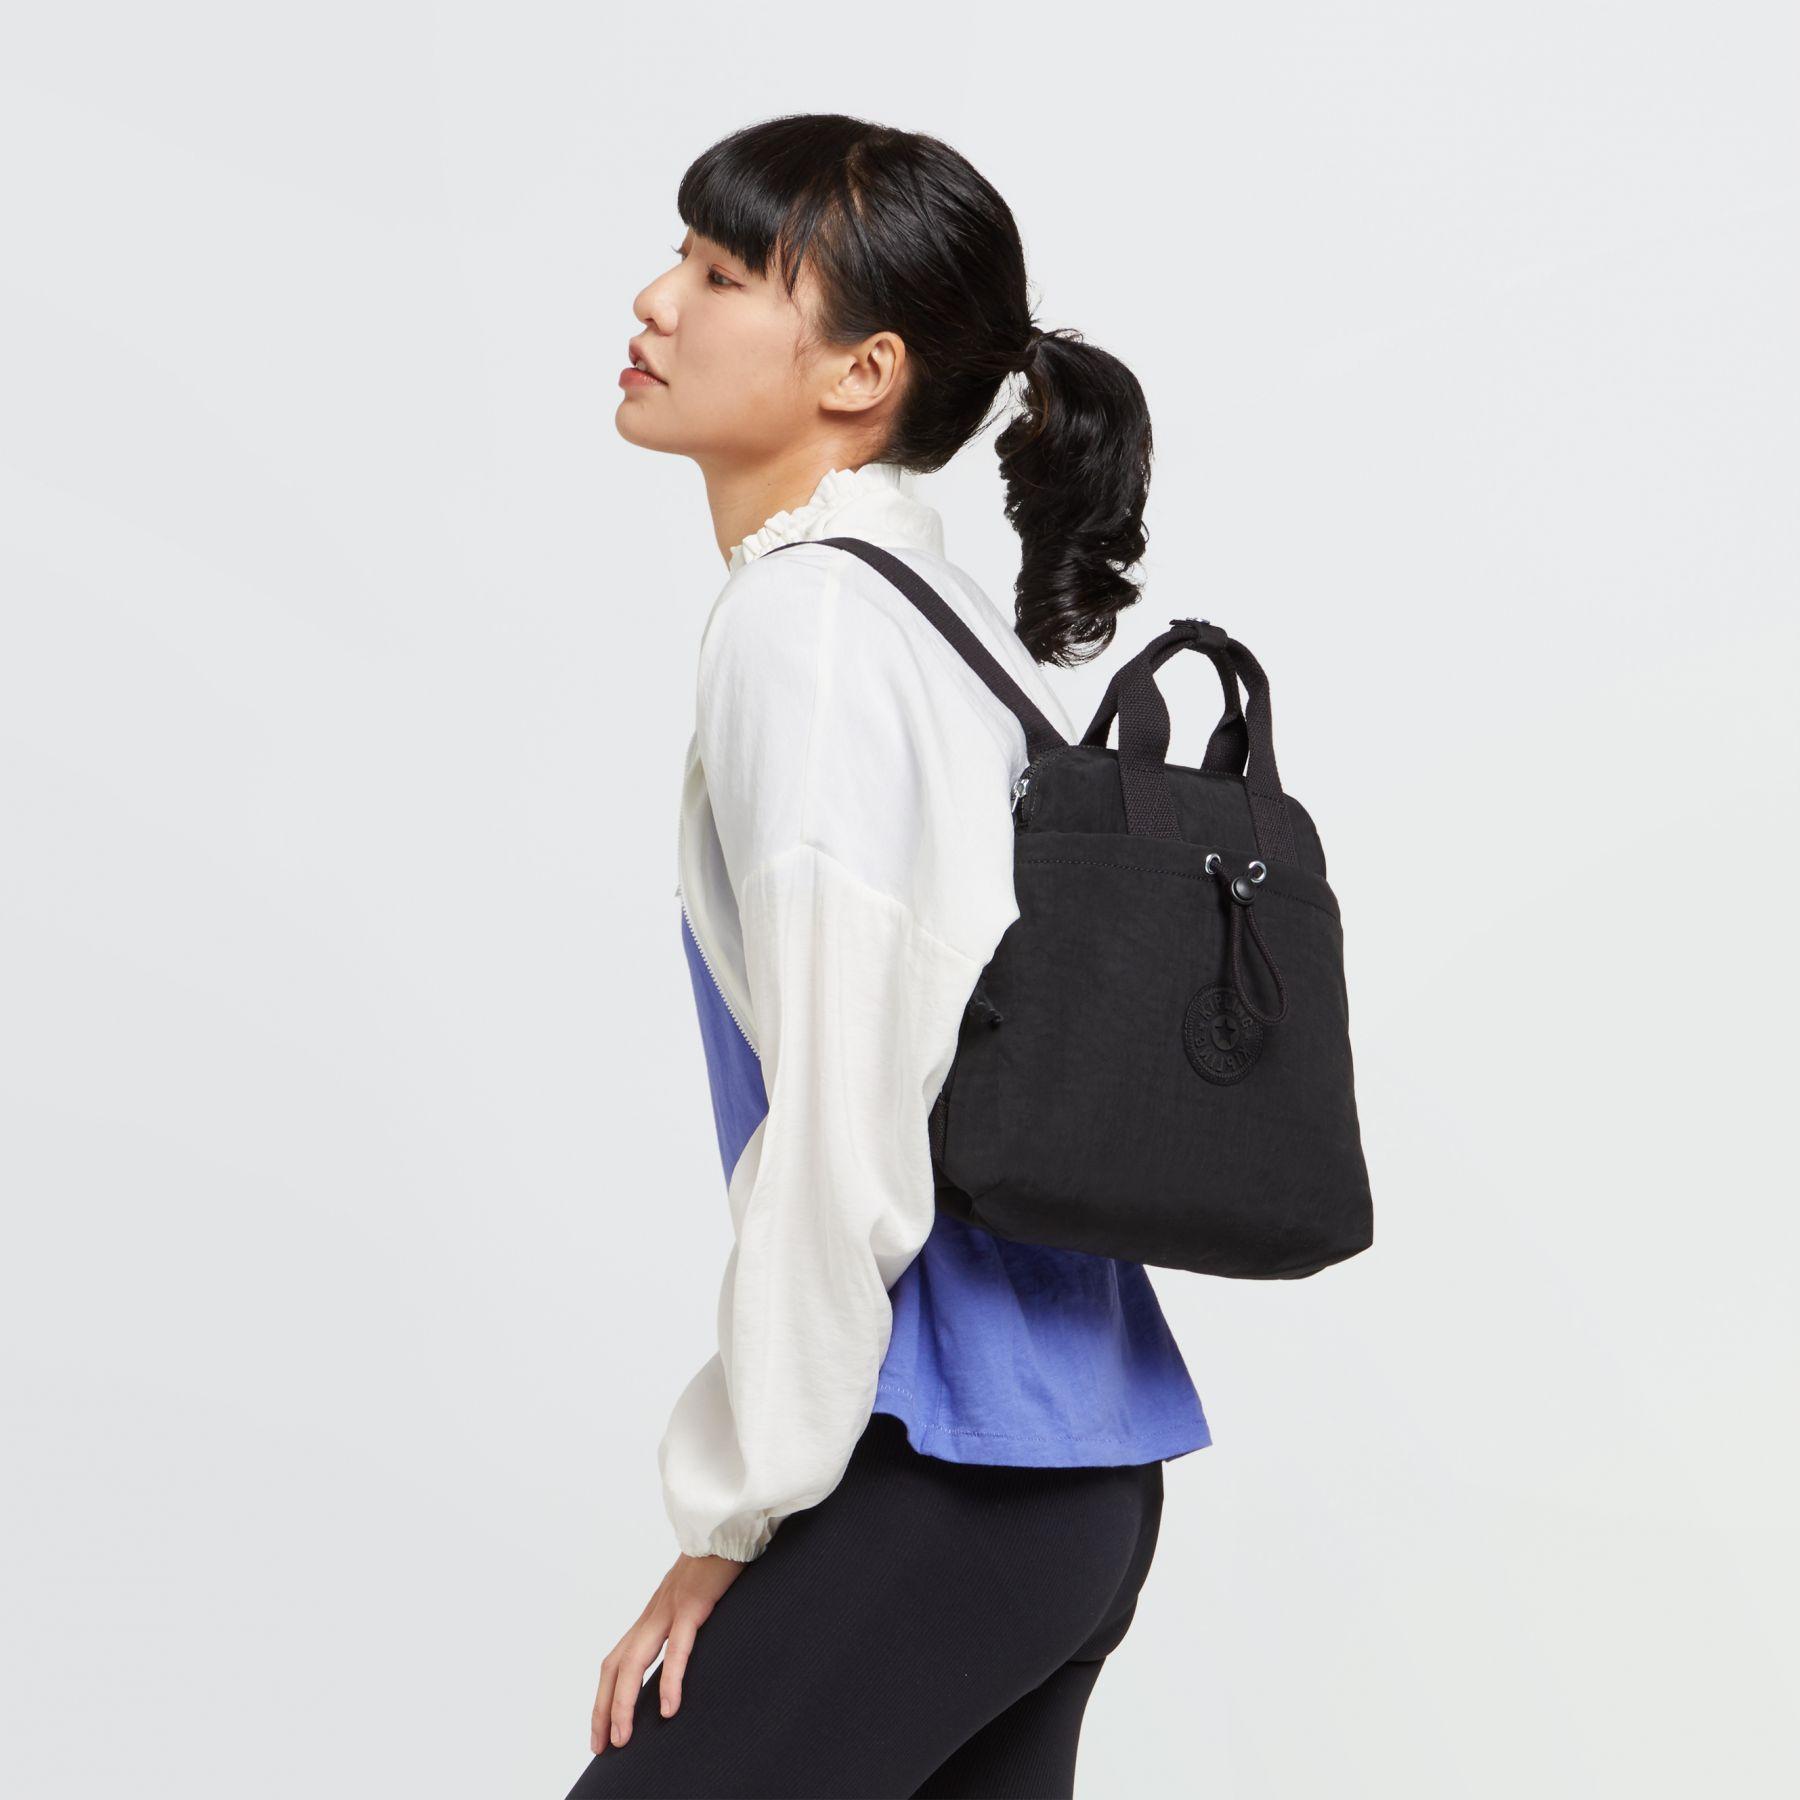 GOYO MINI Latest Backpacks by Kipling